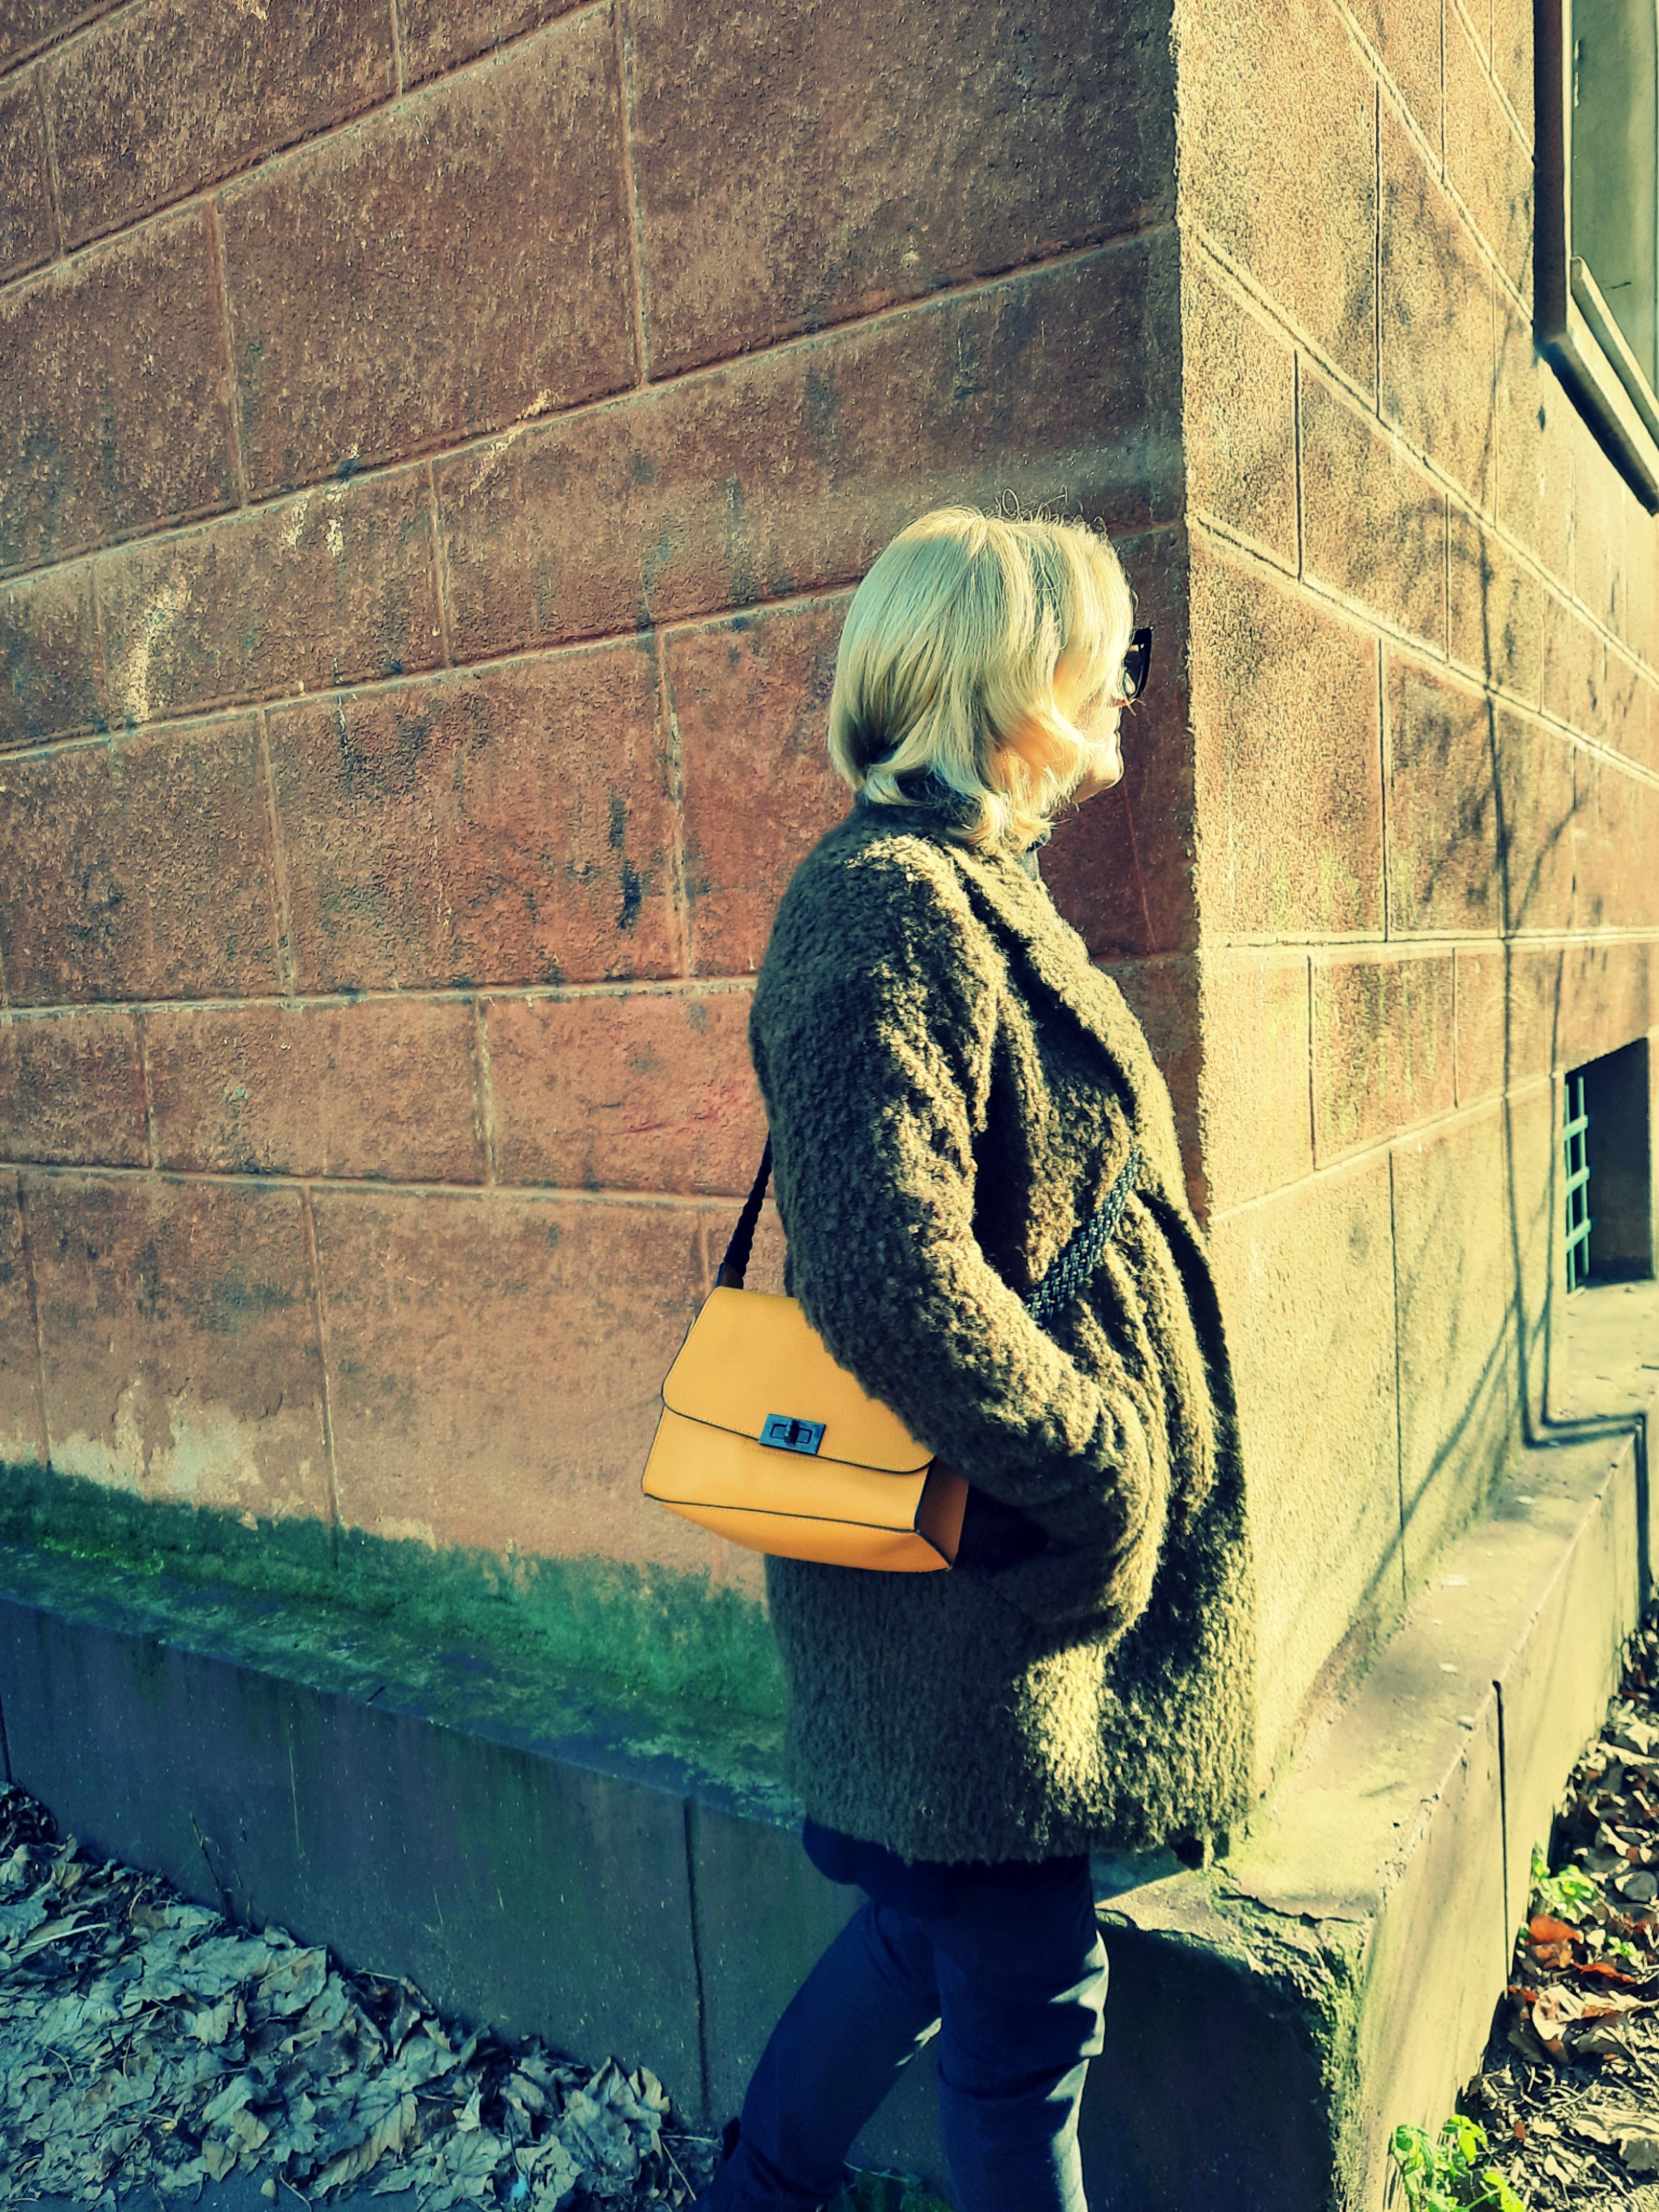 Spune-mi cum iti este geanta ca sa iti spun cine esti!